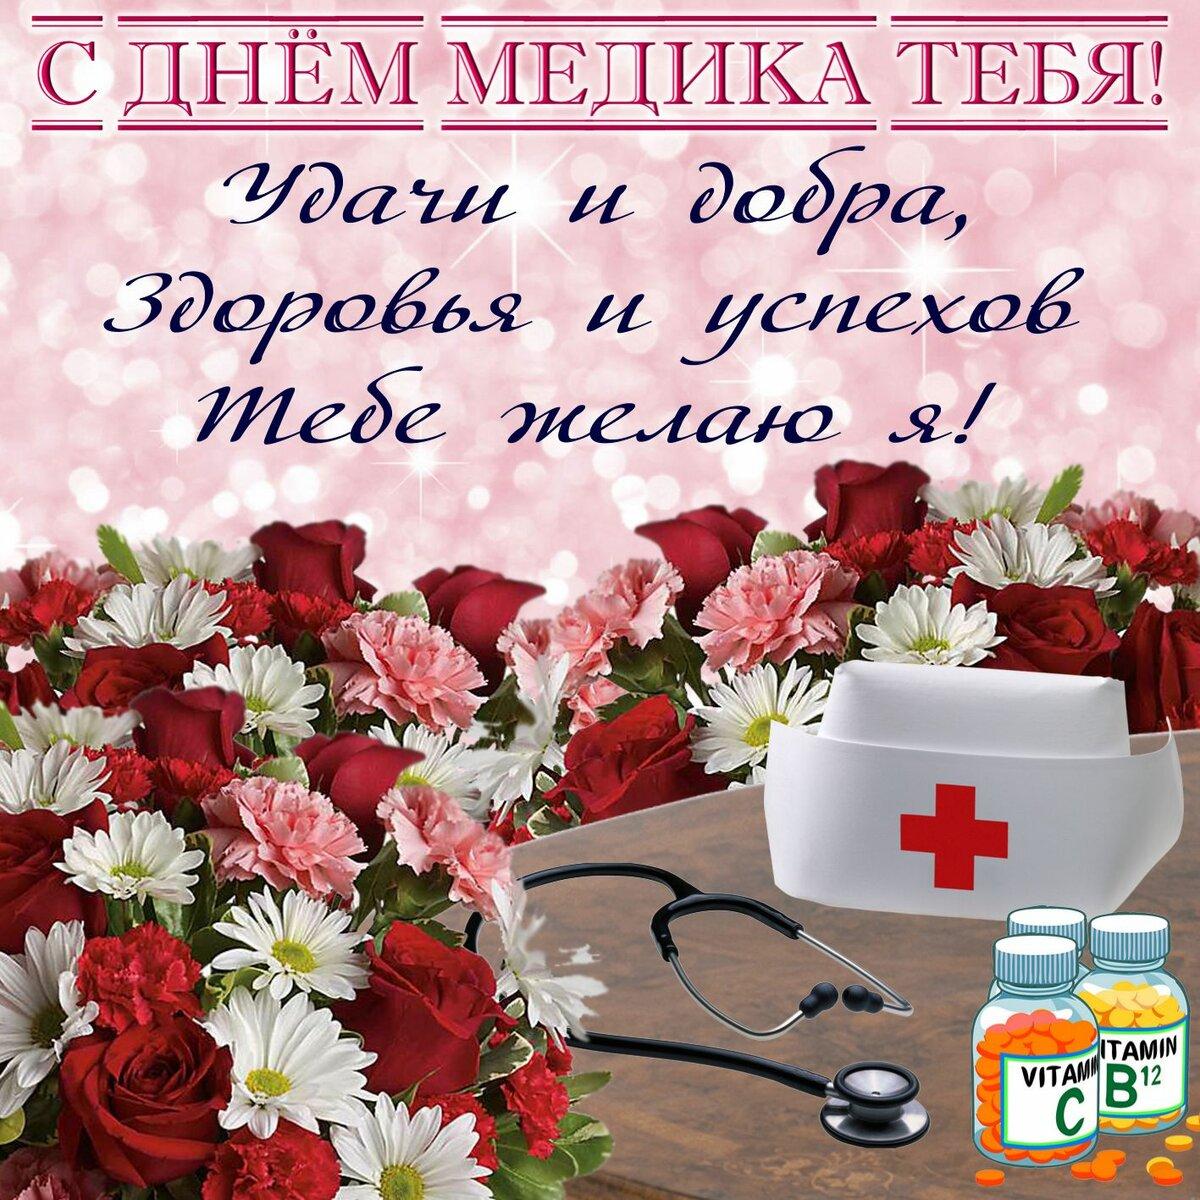 Поздравления с медицинским праздником в стихах